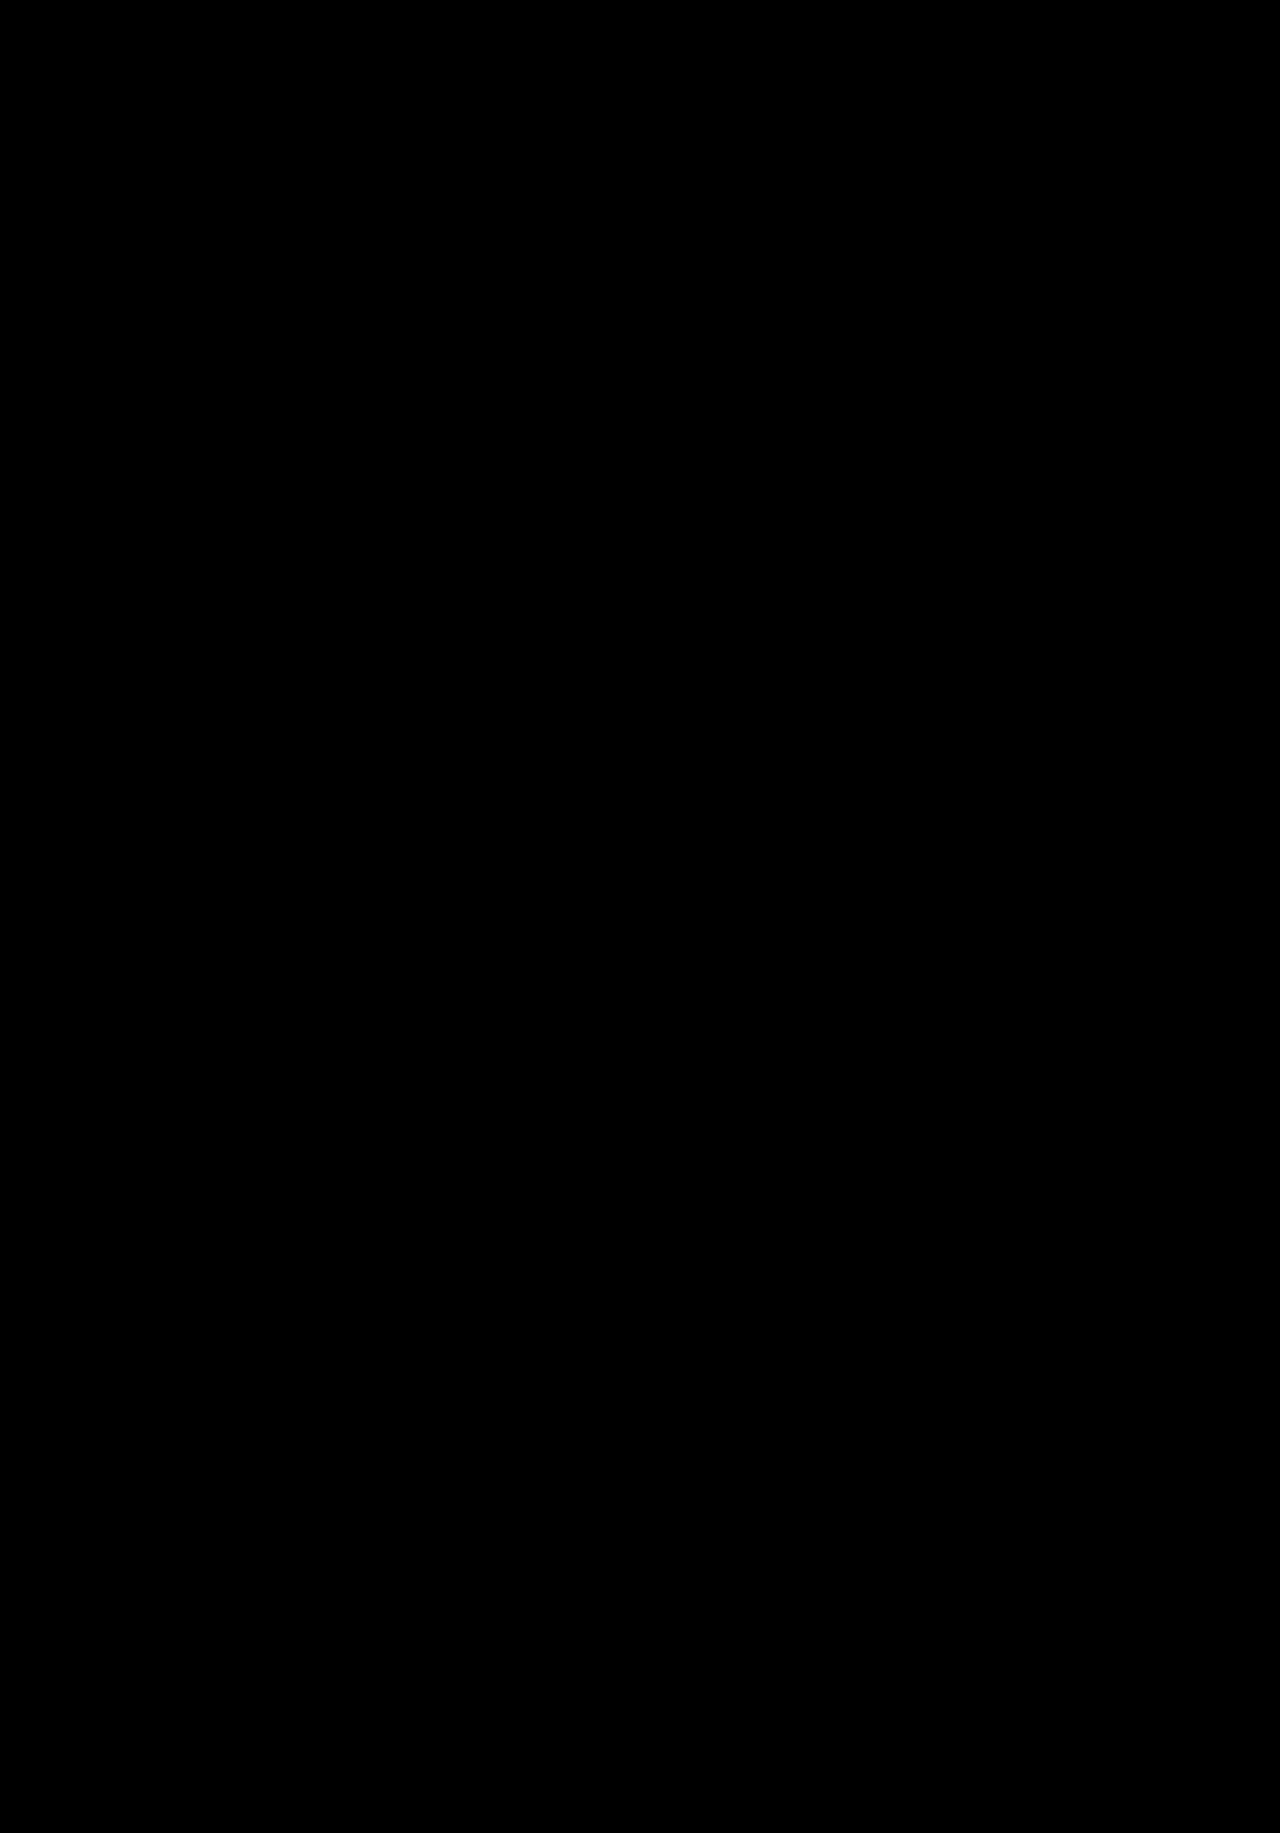 Aruji-sama 2